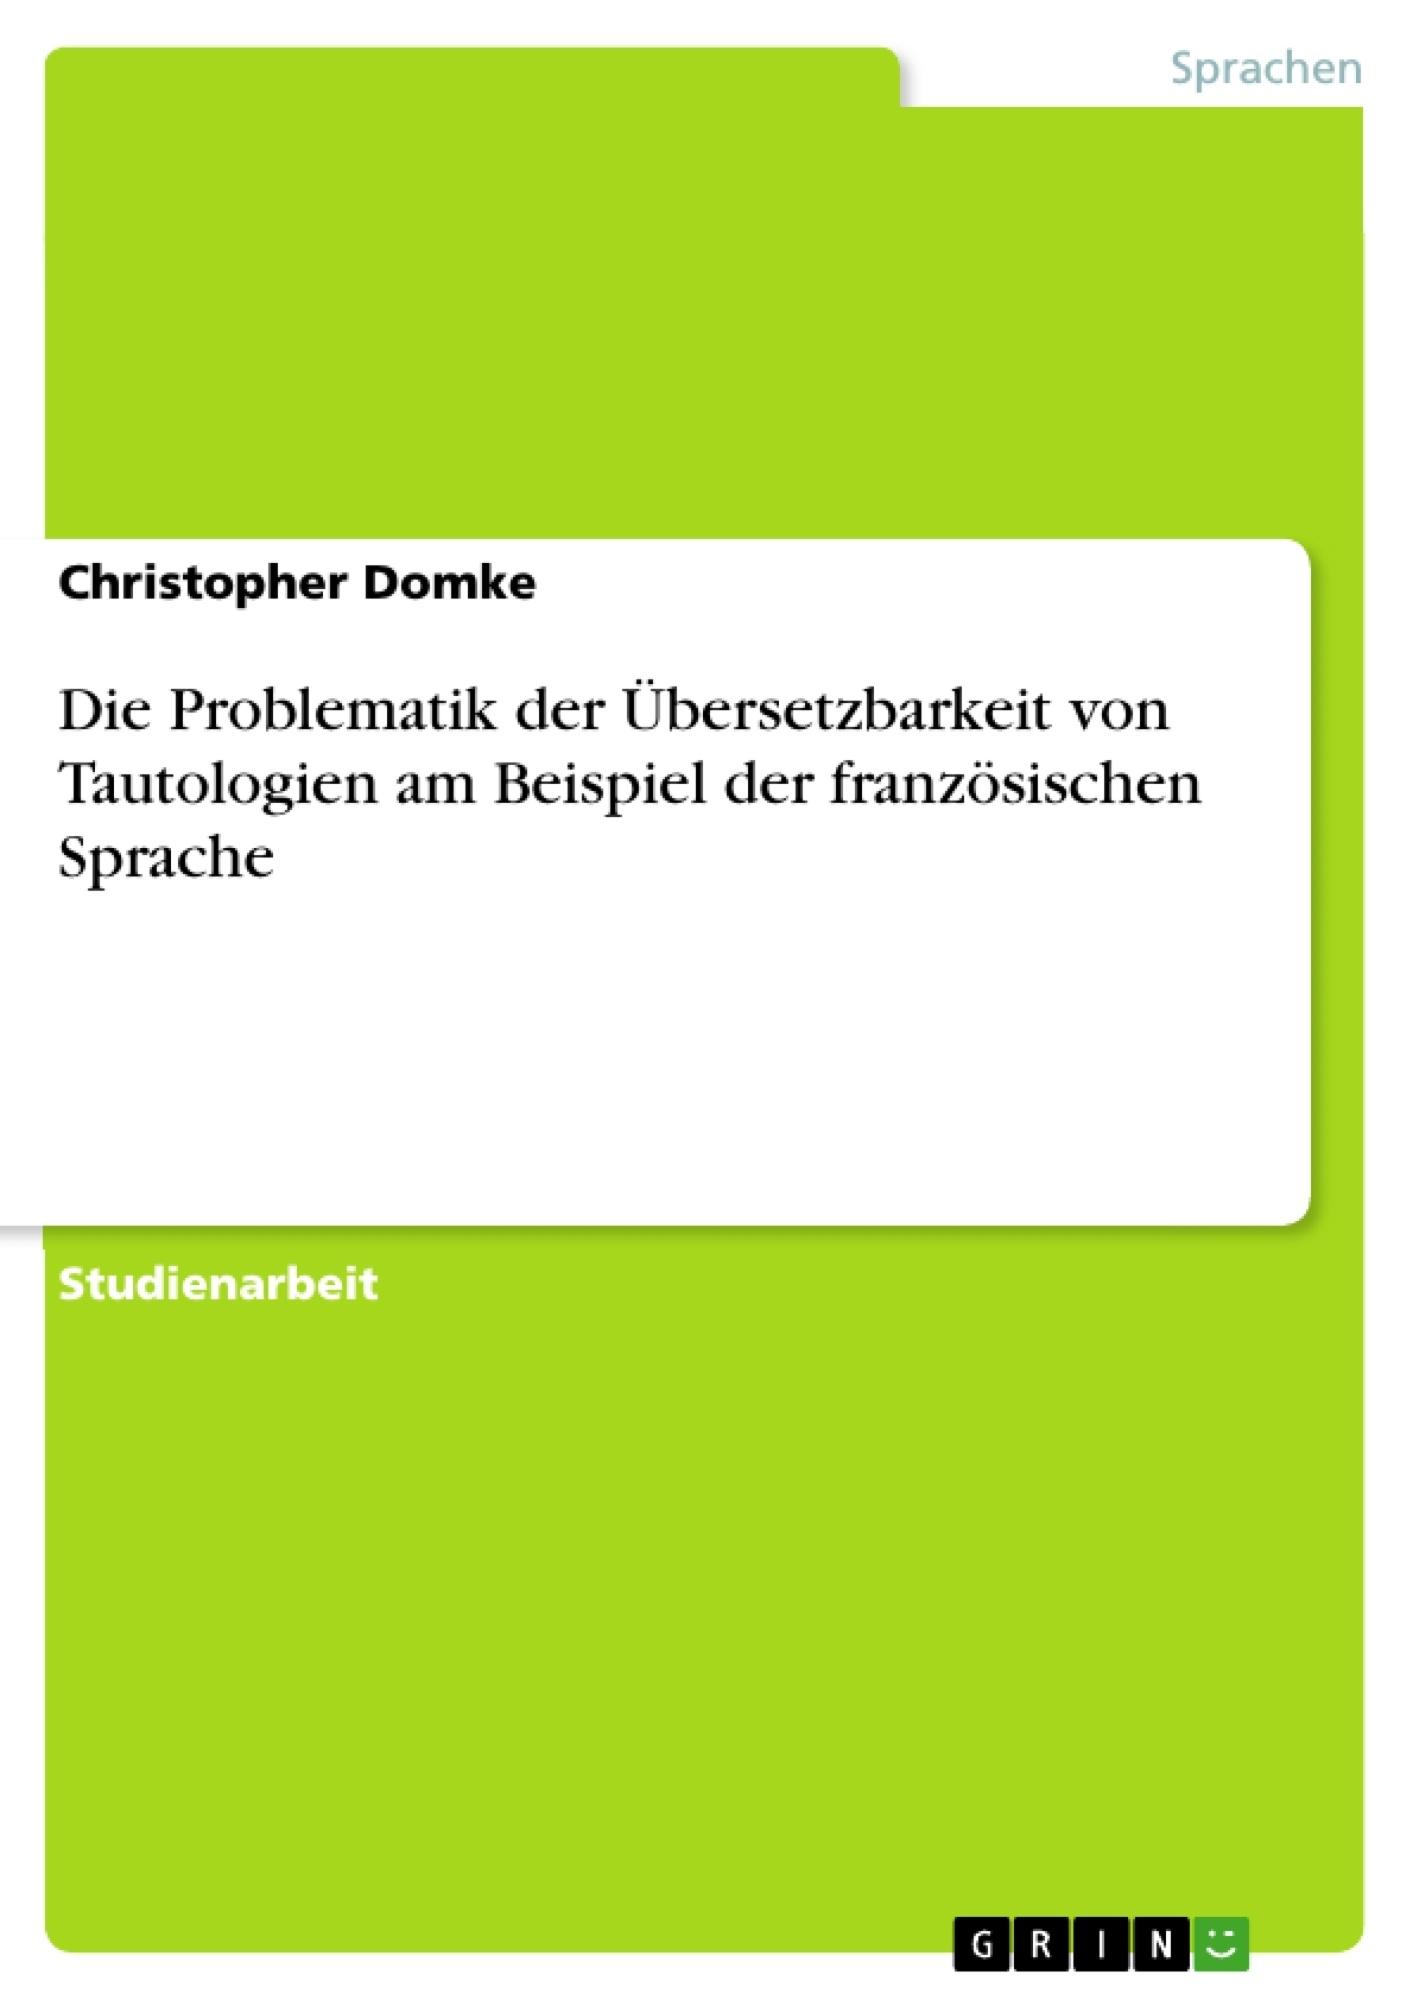 Titel: Die Problematik der Übersetzbarkeit von Tautologien am Beispiel der französischen Sprache